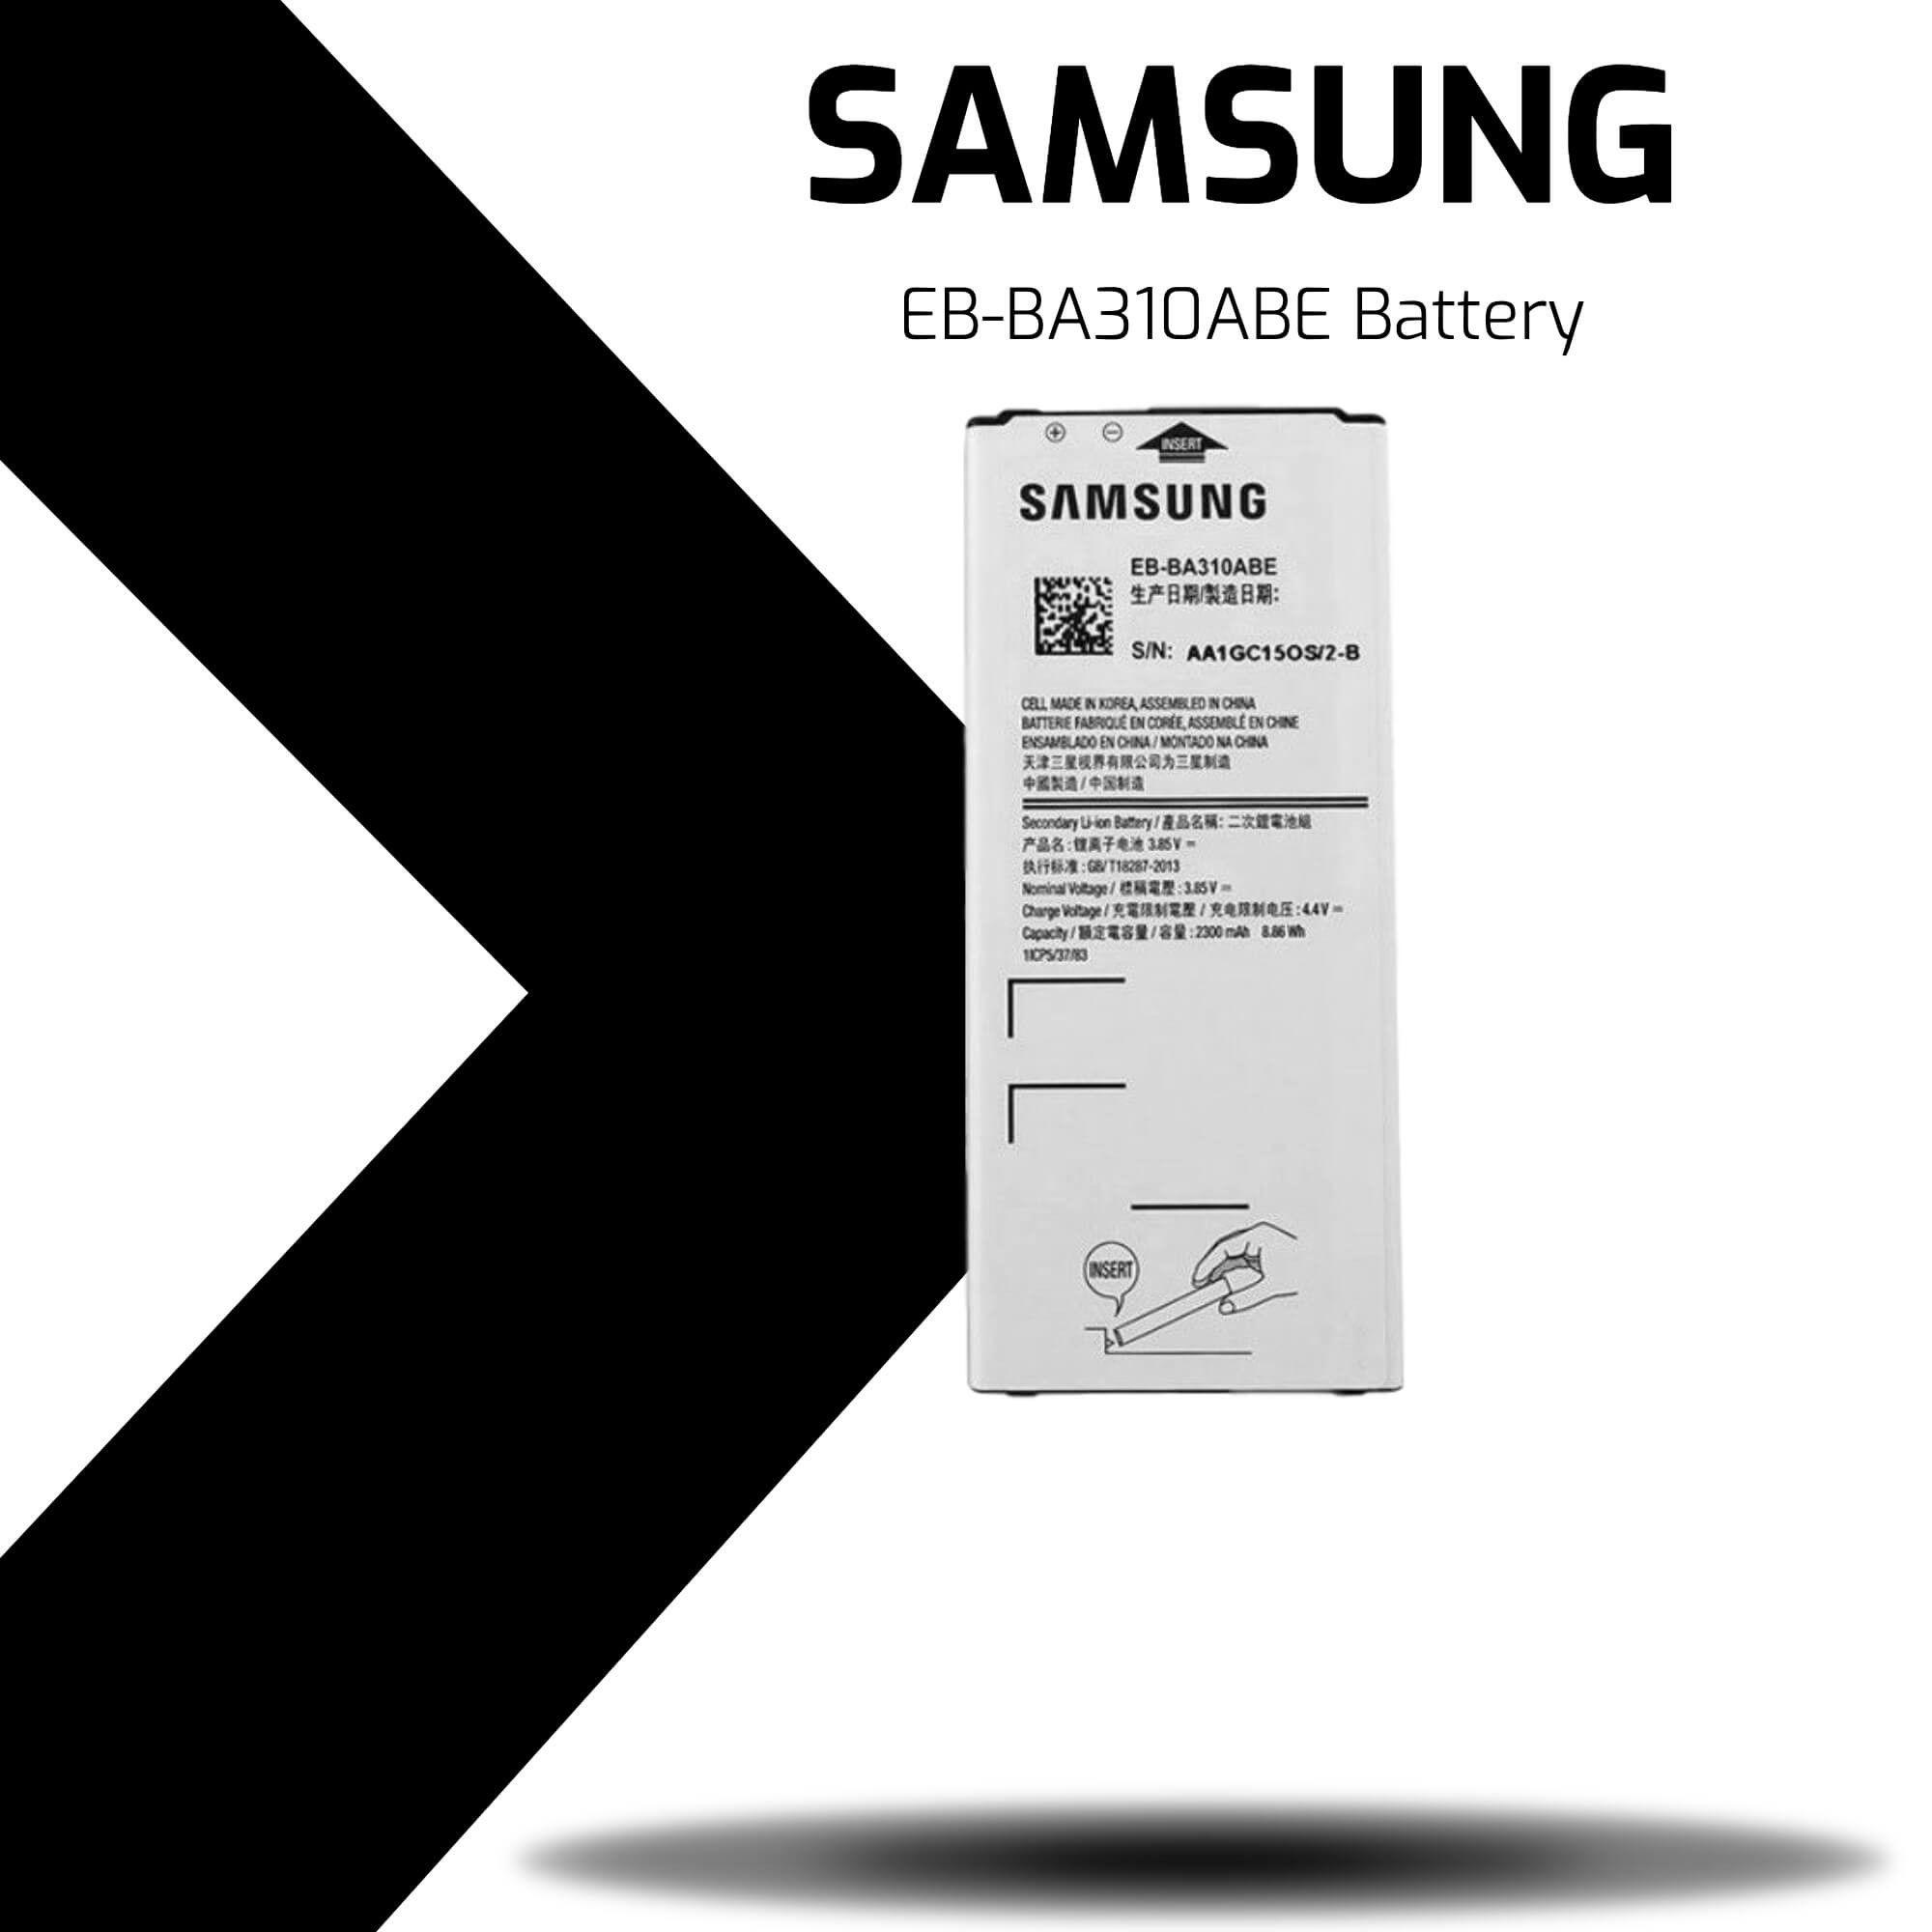 Original Samsung Eb Ba310abe Battery For Samsung Galaxy A3 2016 A310f New